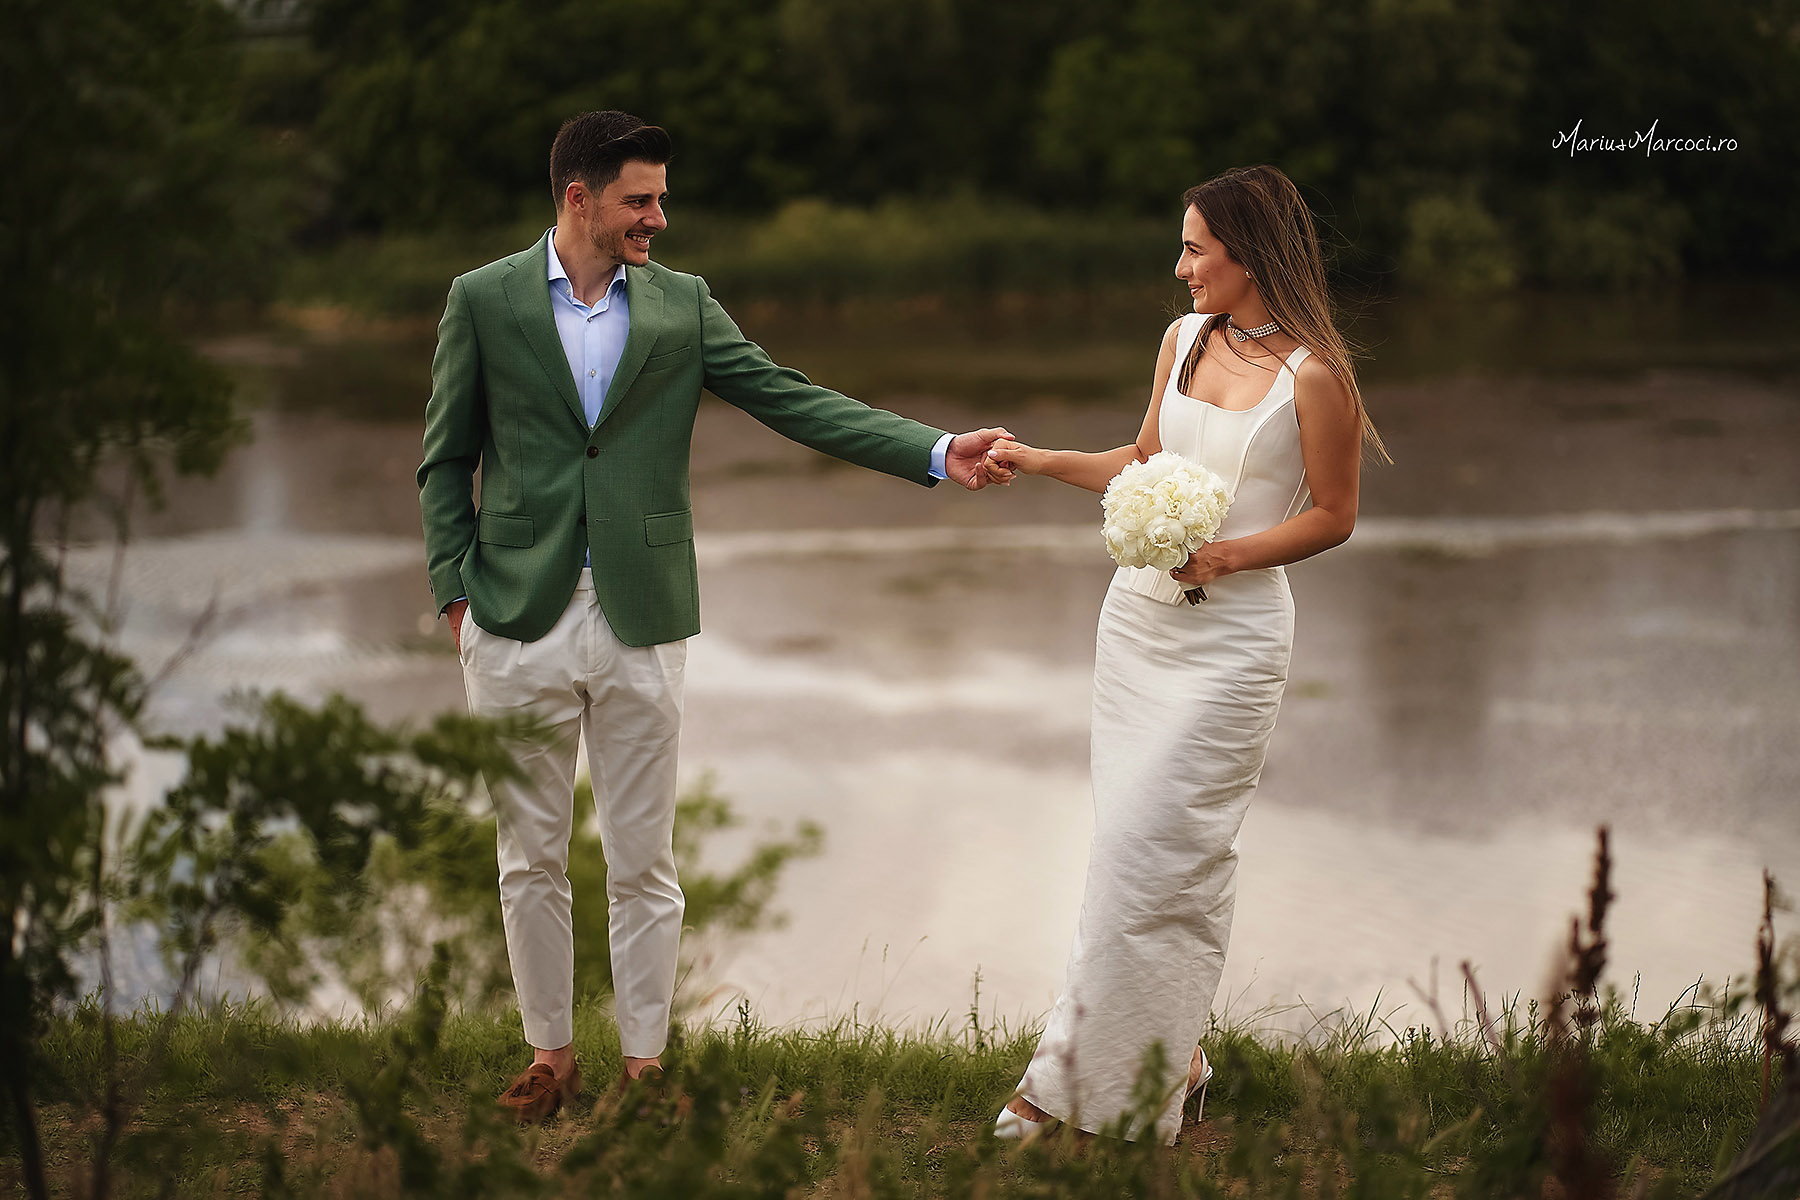 fotograf-nunta-cununie-MariusMarcoci